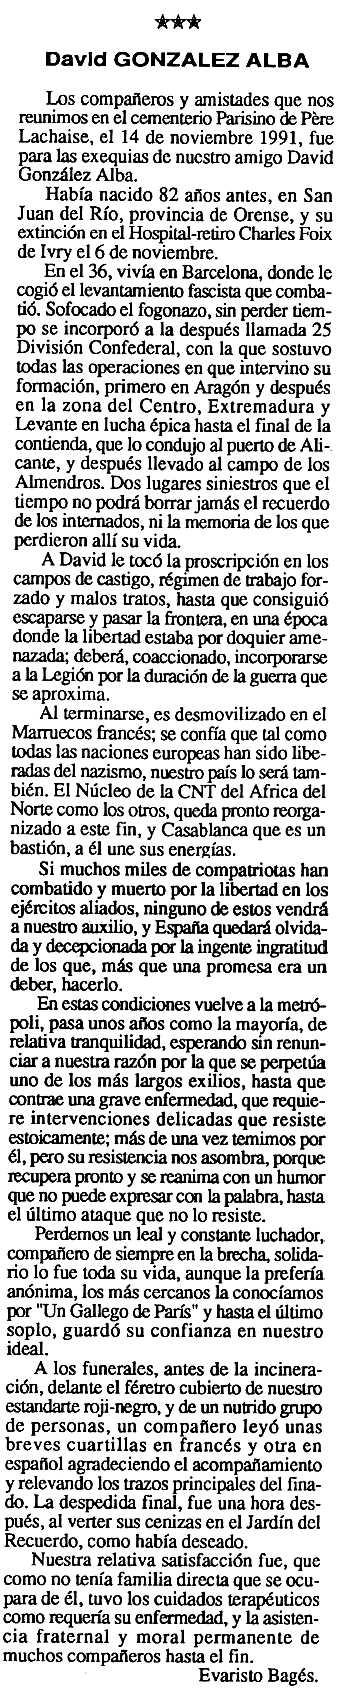 """Necrològica de David González Alba apareguda en el periòdic tolosà """"Cenit"""" del 24 de desembre de 1991"""